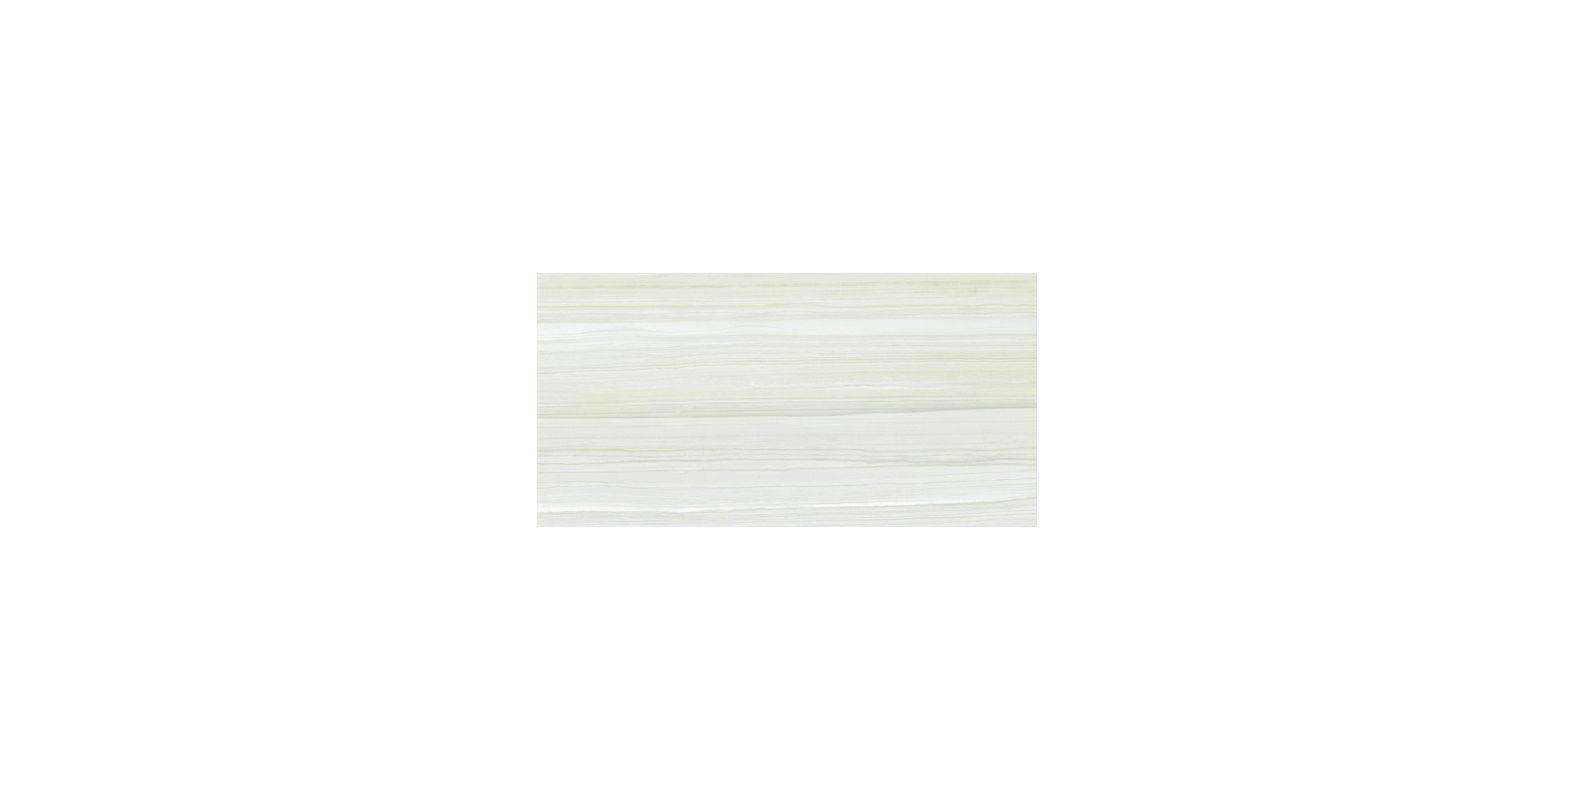 """Miseno MT-MD041224 Mastive Tile - 12"""" X 24"""" - Wood Visual - Floor Tile (11.62 SF Bianco Tile Floor Tile"""